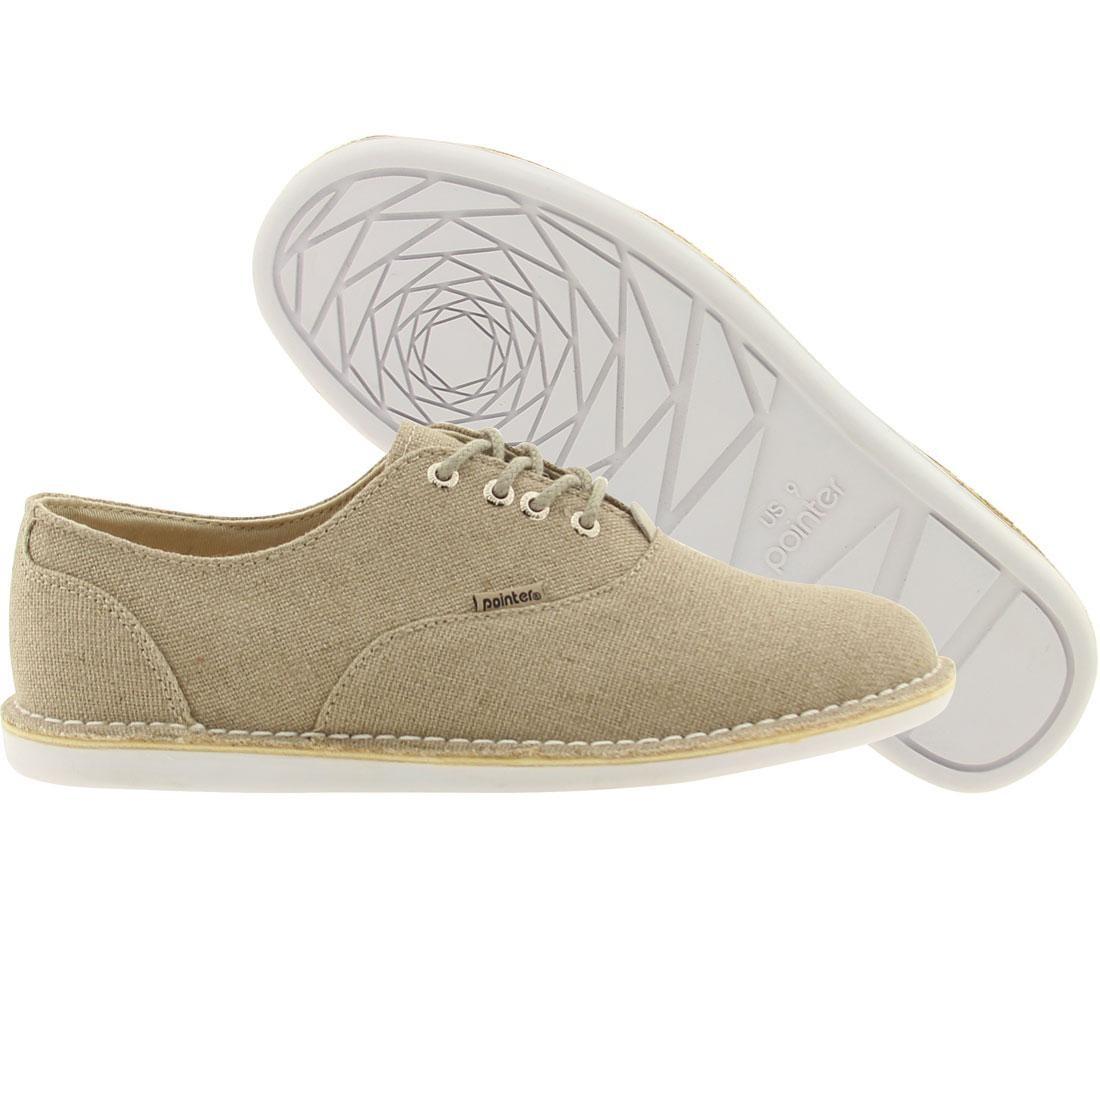 【海外限定】オックスフォード 靴 スニーカー 【 POINTER OXFORD NATURAL 】